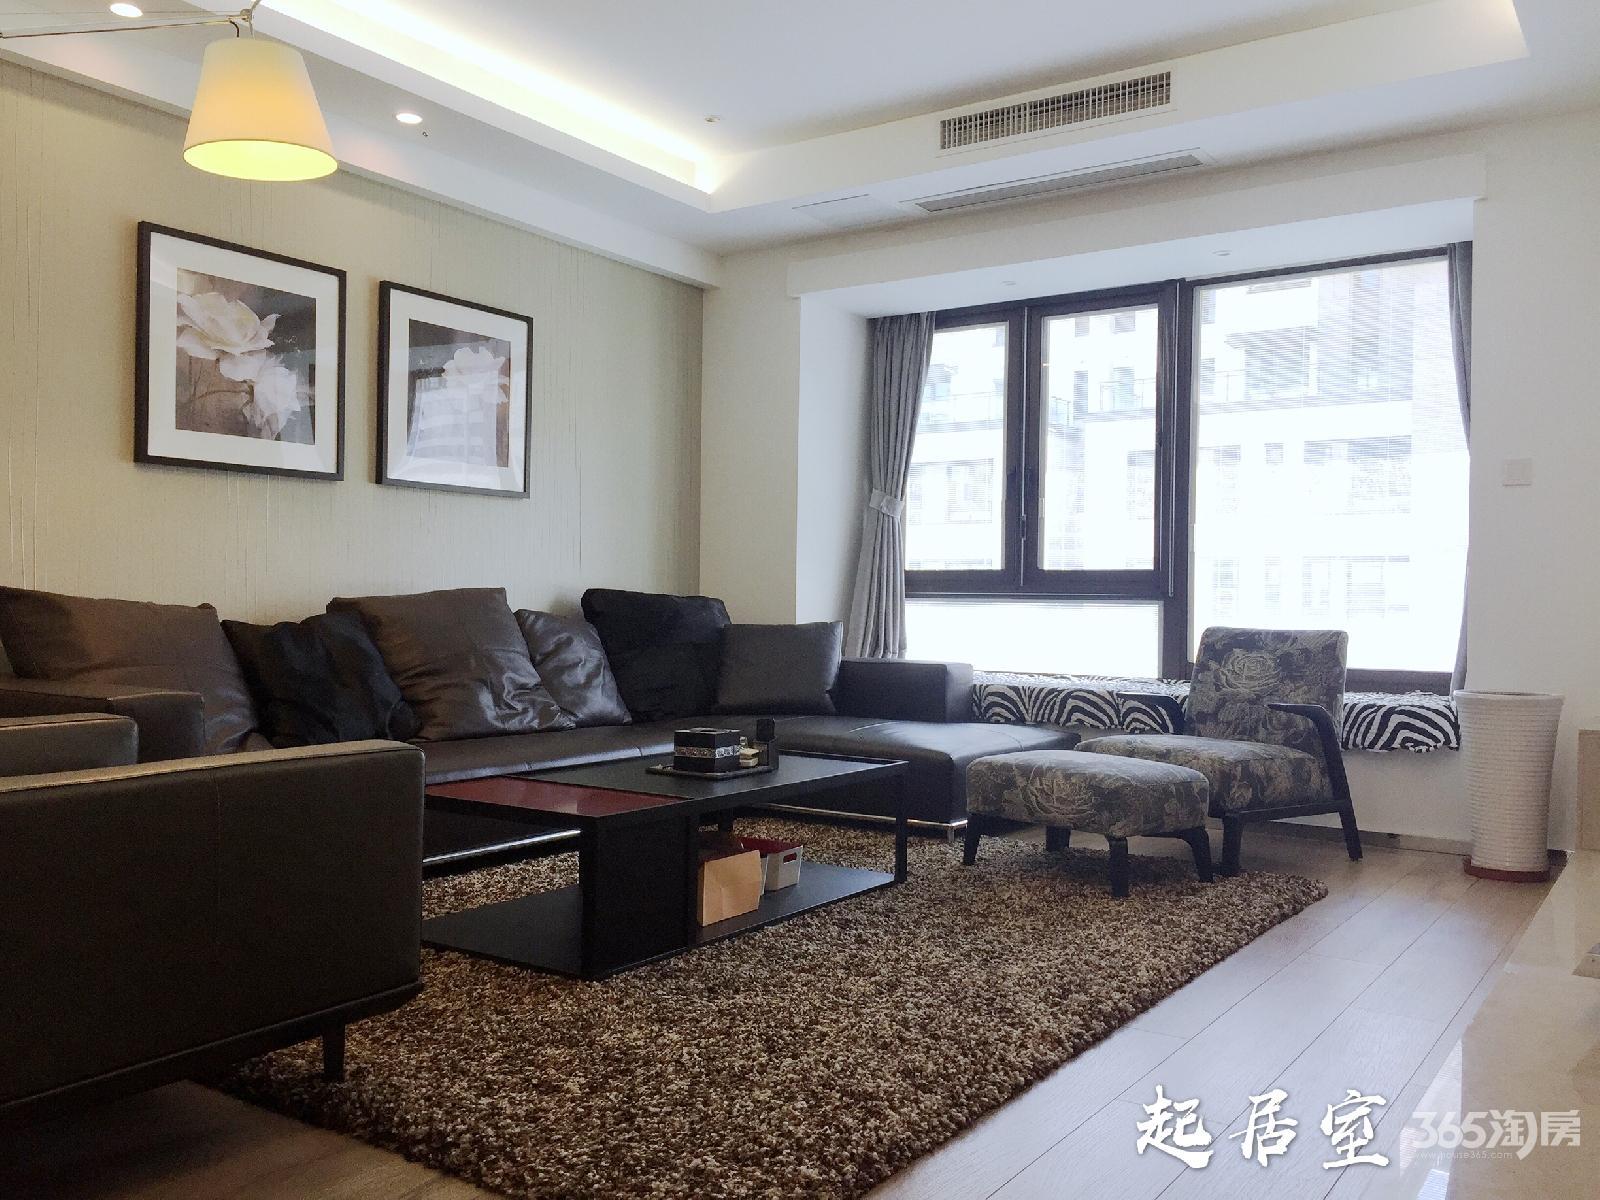 高科荣域4室2厅2卫126平米豪华装产权房2013年建